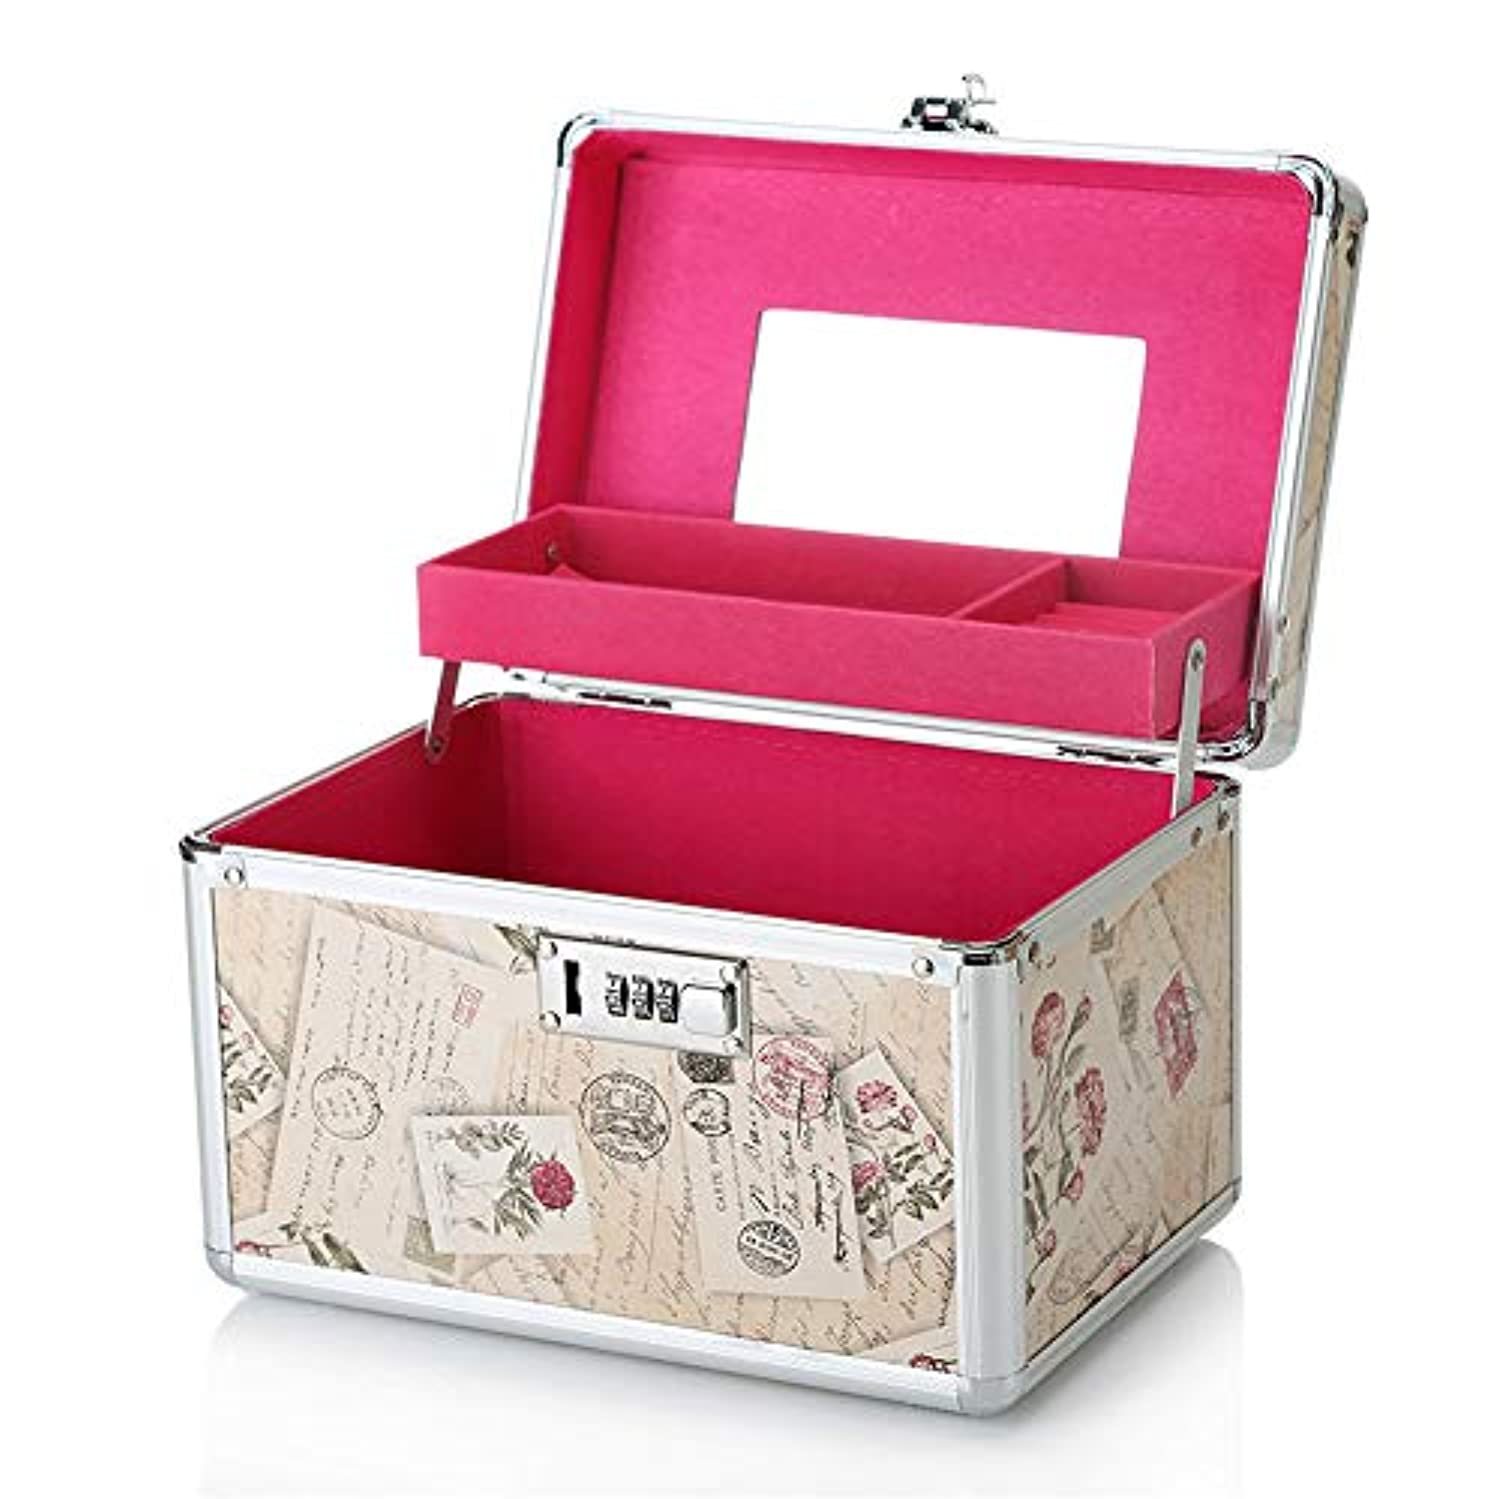 ビュッフェメアリアンジョーンズ大宇宙特大スペース収納ビューティーボックス 美の構造のためそしてジッパーおよび折る皿が付いている女の子の女性旅行そして毎日の貯蔵のための高容量の携帯用化粧品袋 化粧品化粧台